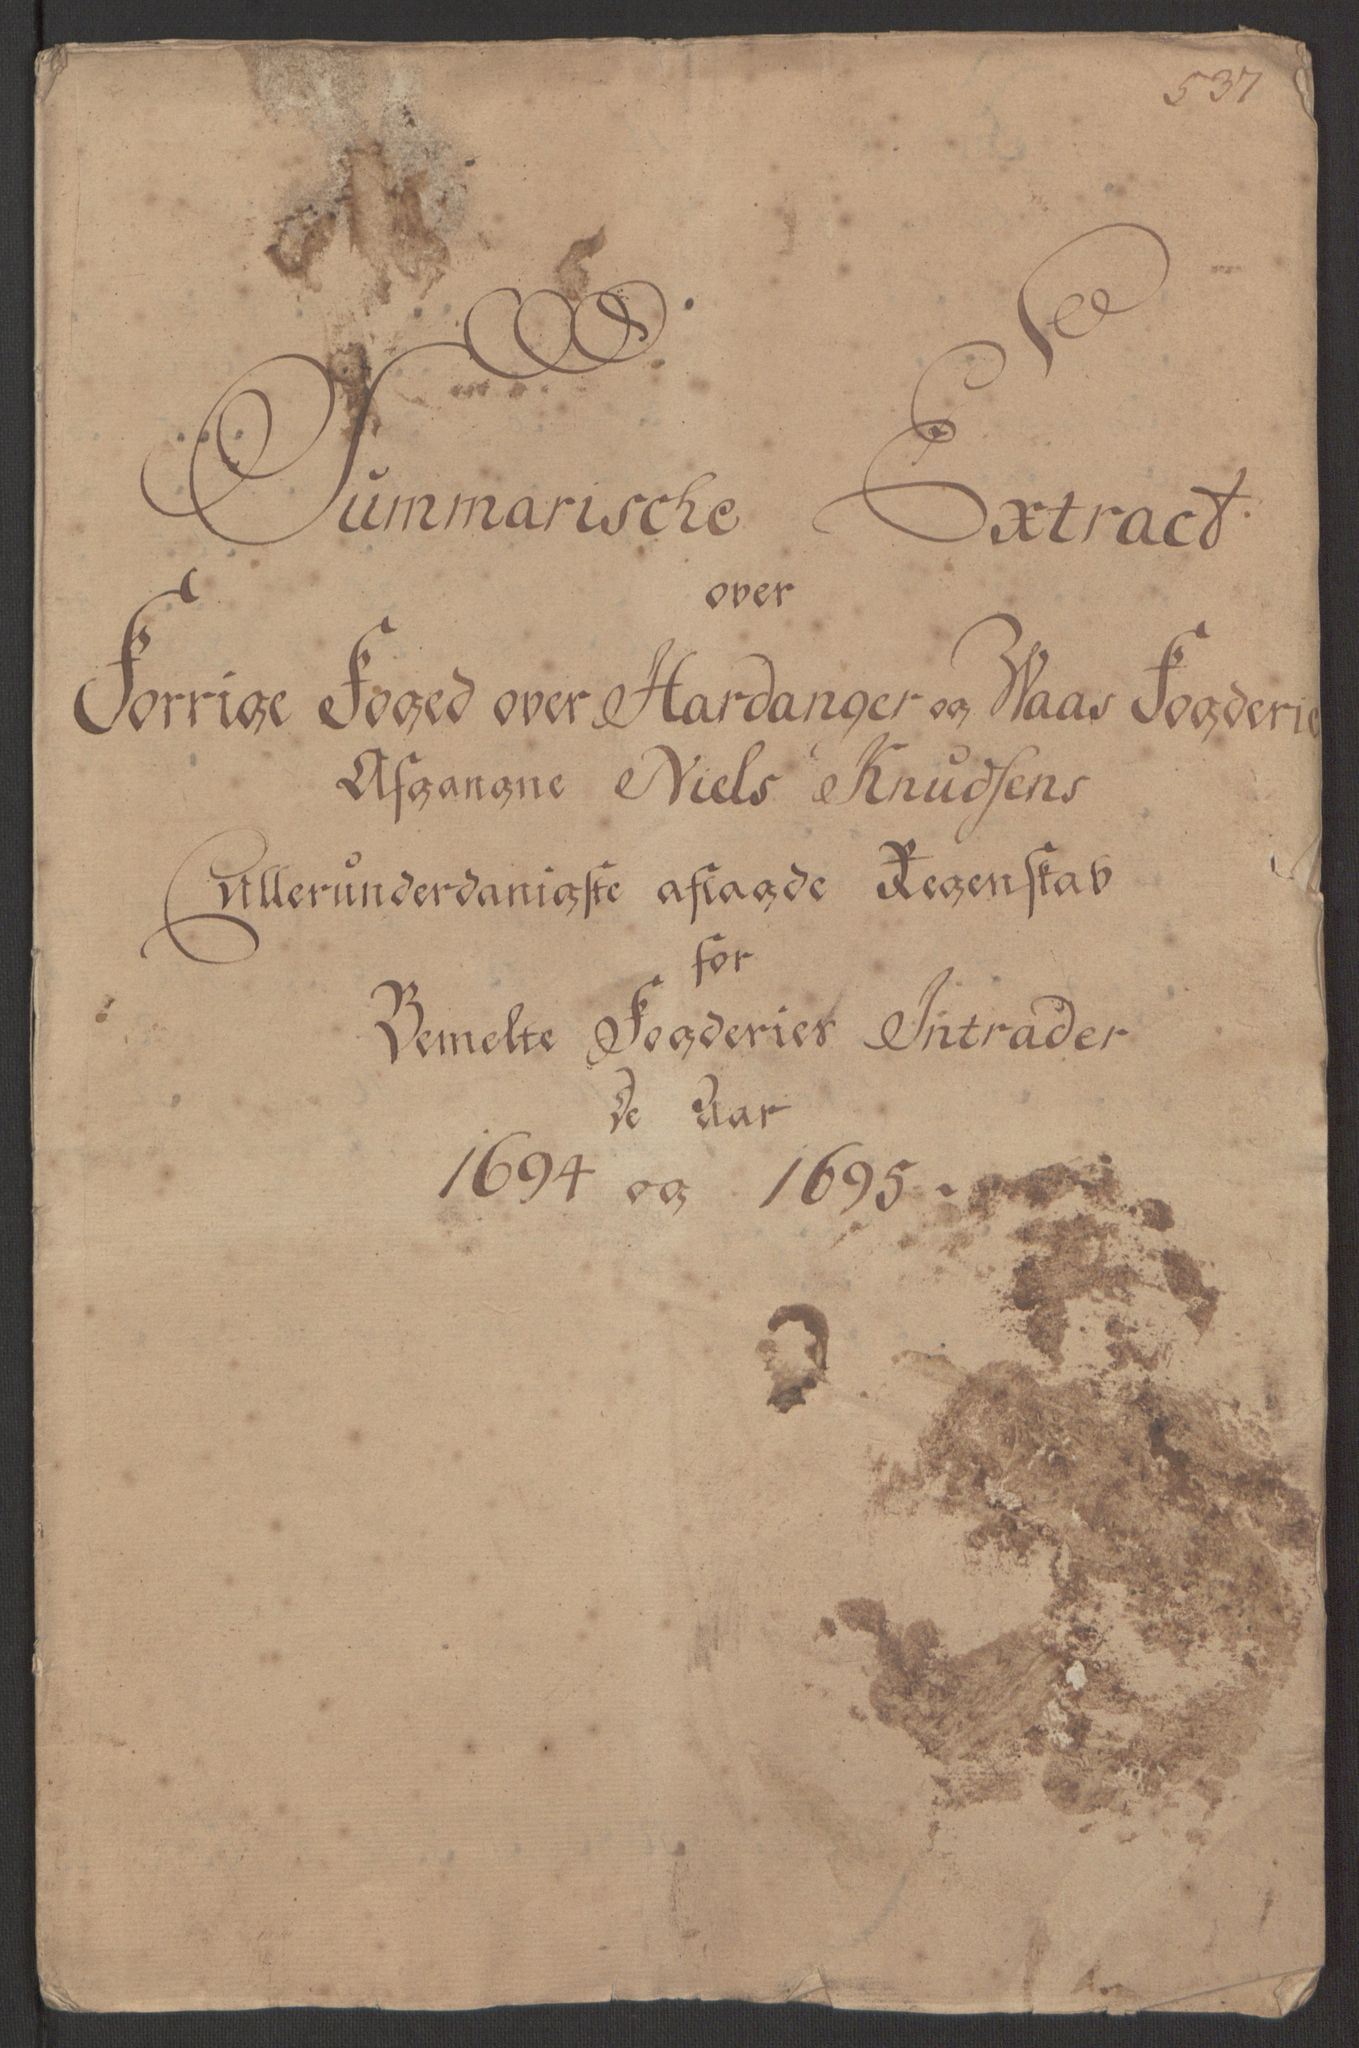 RA, Rentekammeret inntil 1814, Reviderte regnskaper, Fogderegnskap, R48/L2976: Fogderegnskap Sunnhordland og Hardanger, 1695-1696, s. 215